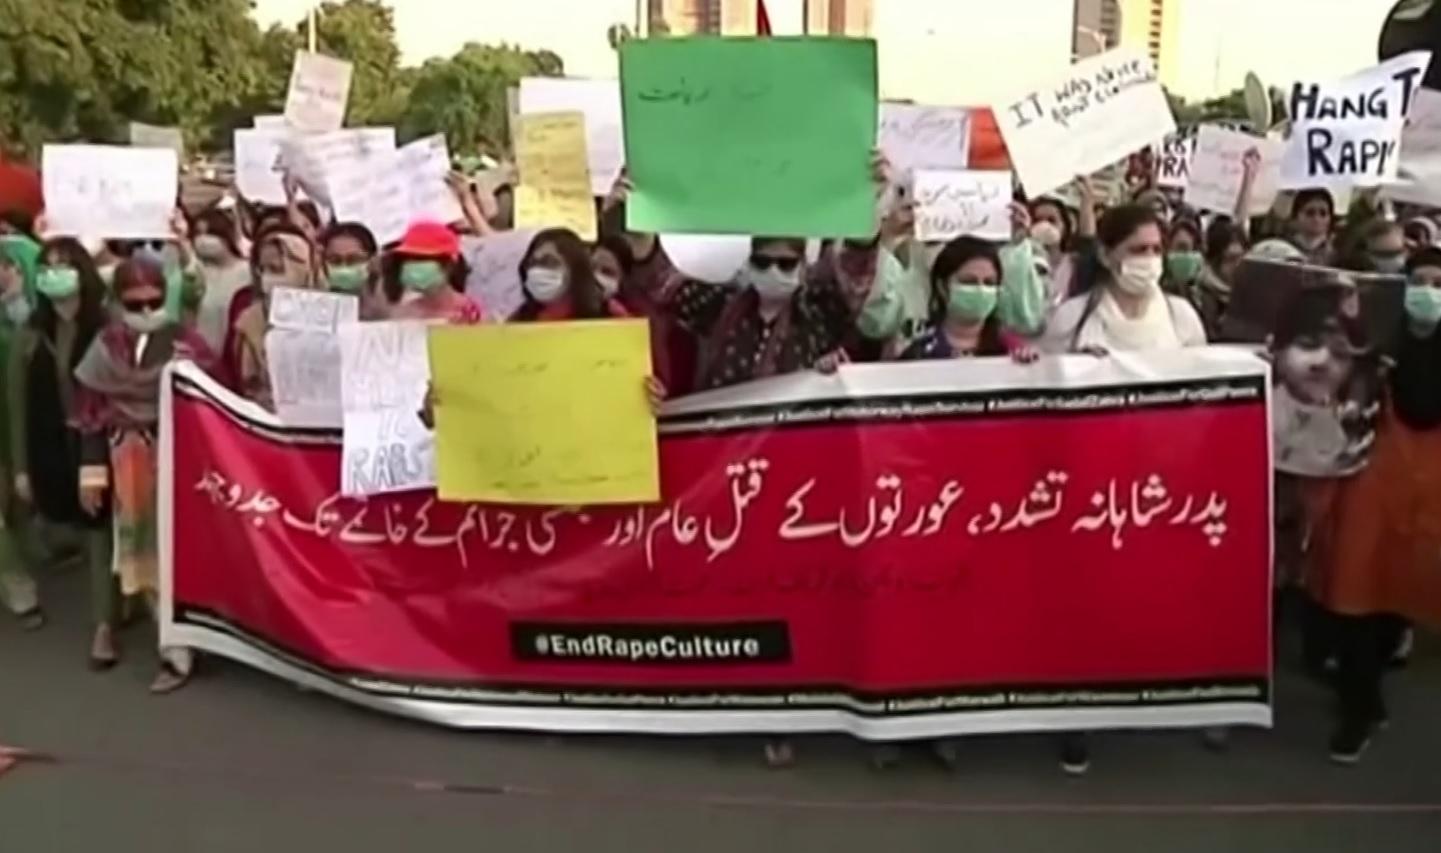 Caso da mulher estuprada em Lahore gerou revolta e protestos em todo o país